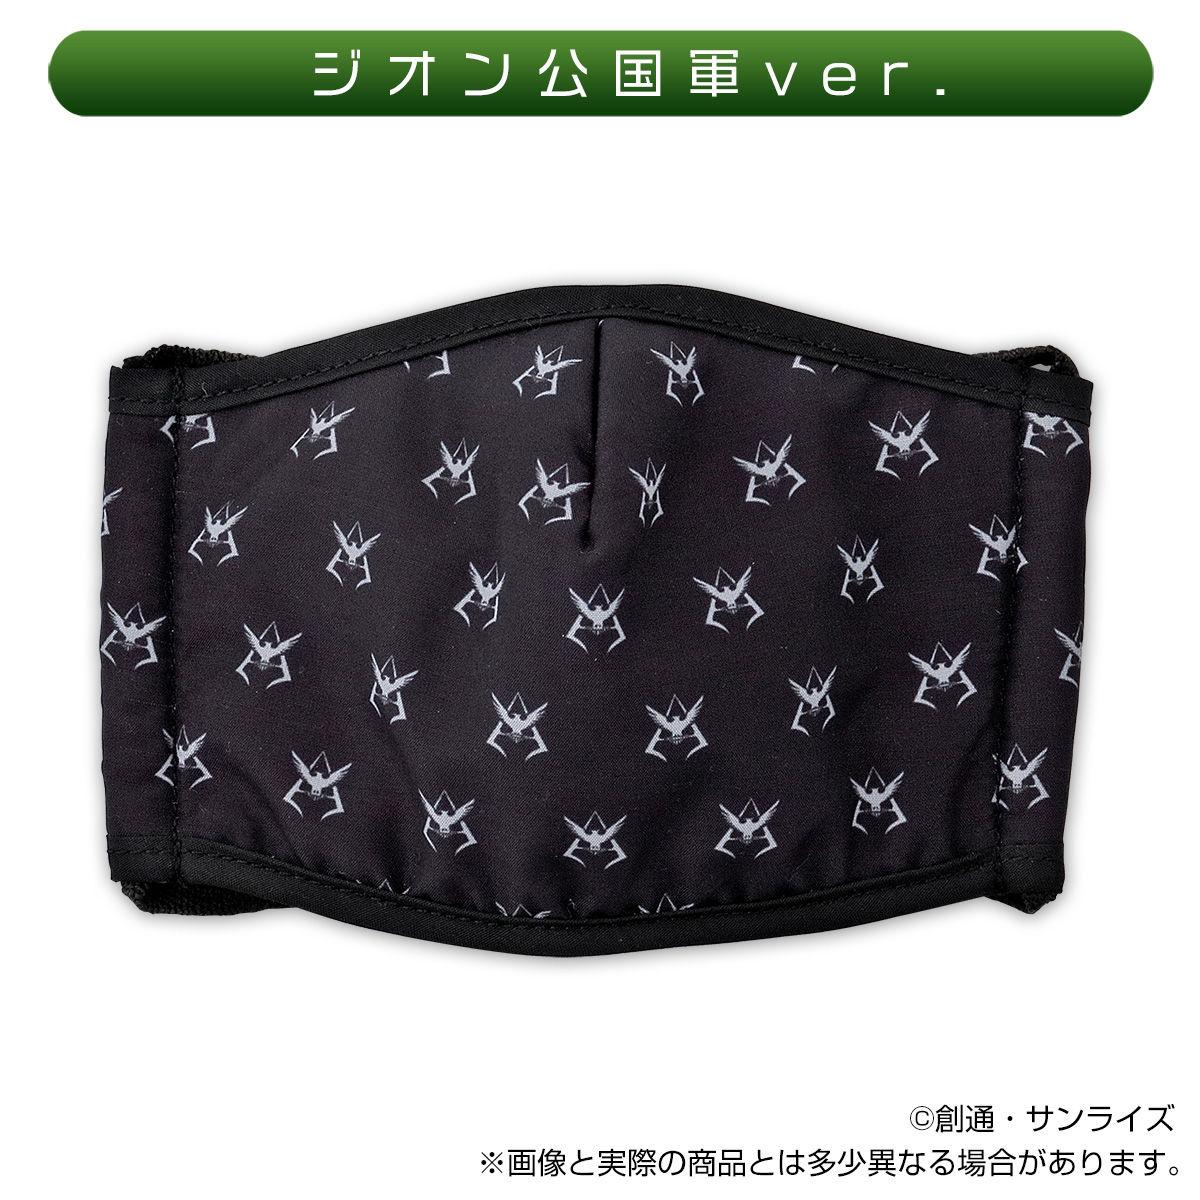 【限定販売】キャラマスク『CHARA-MASK 機動戦士ガンダム』グッズ-009